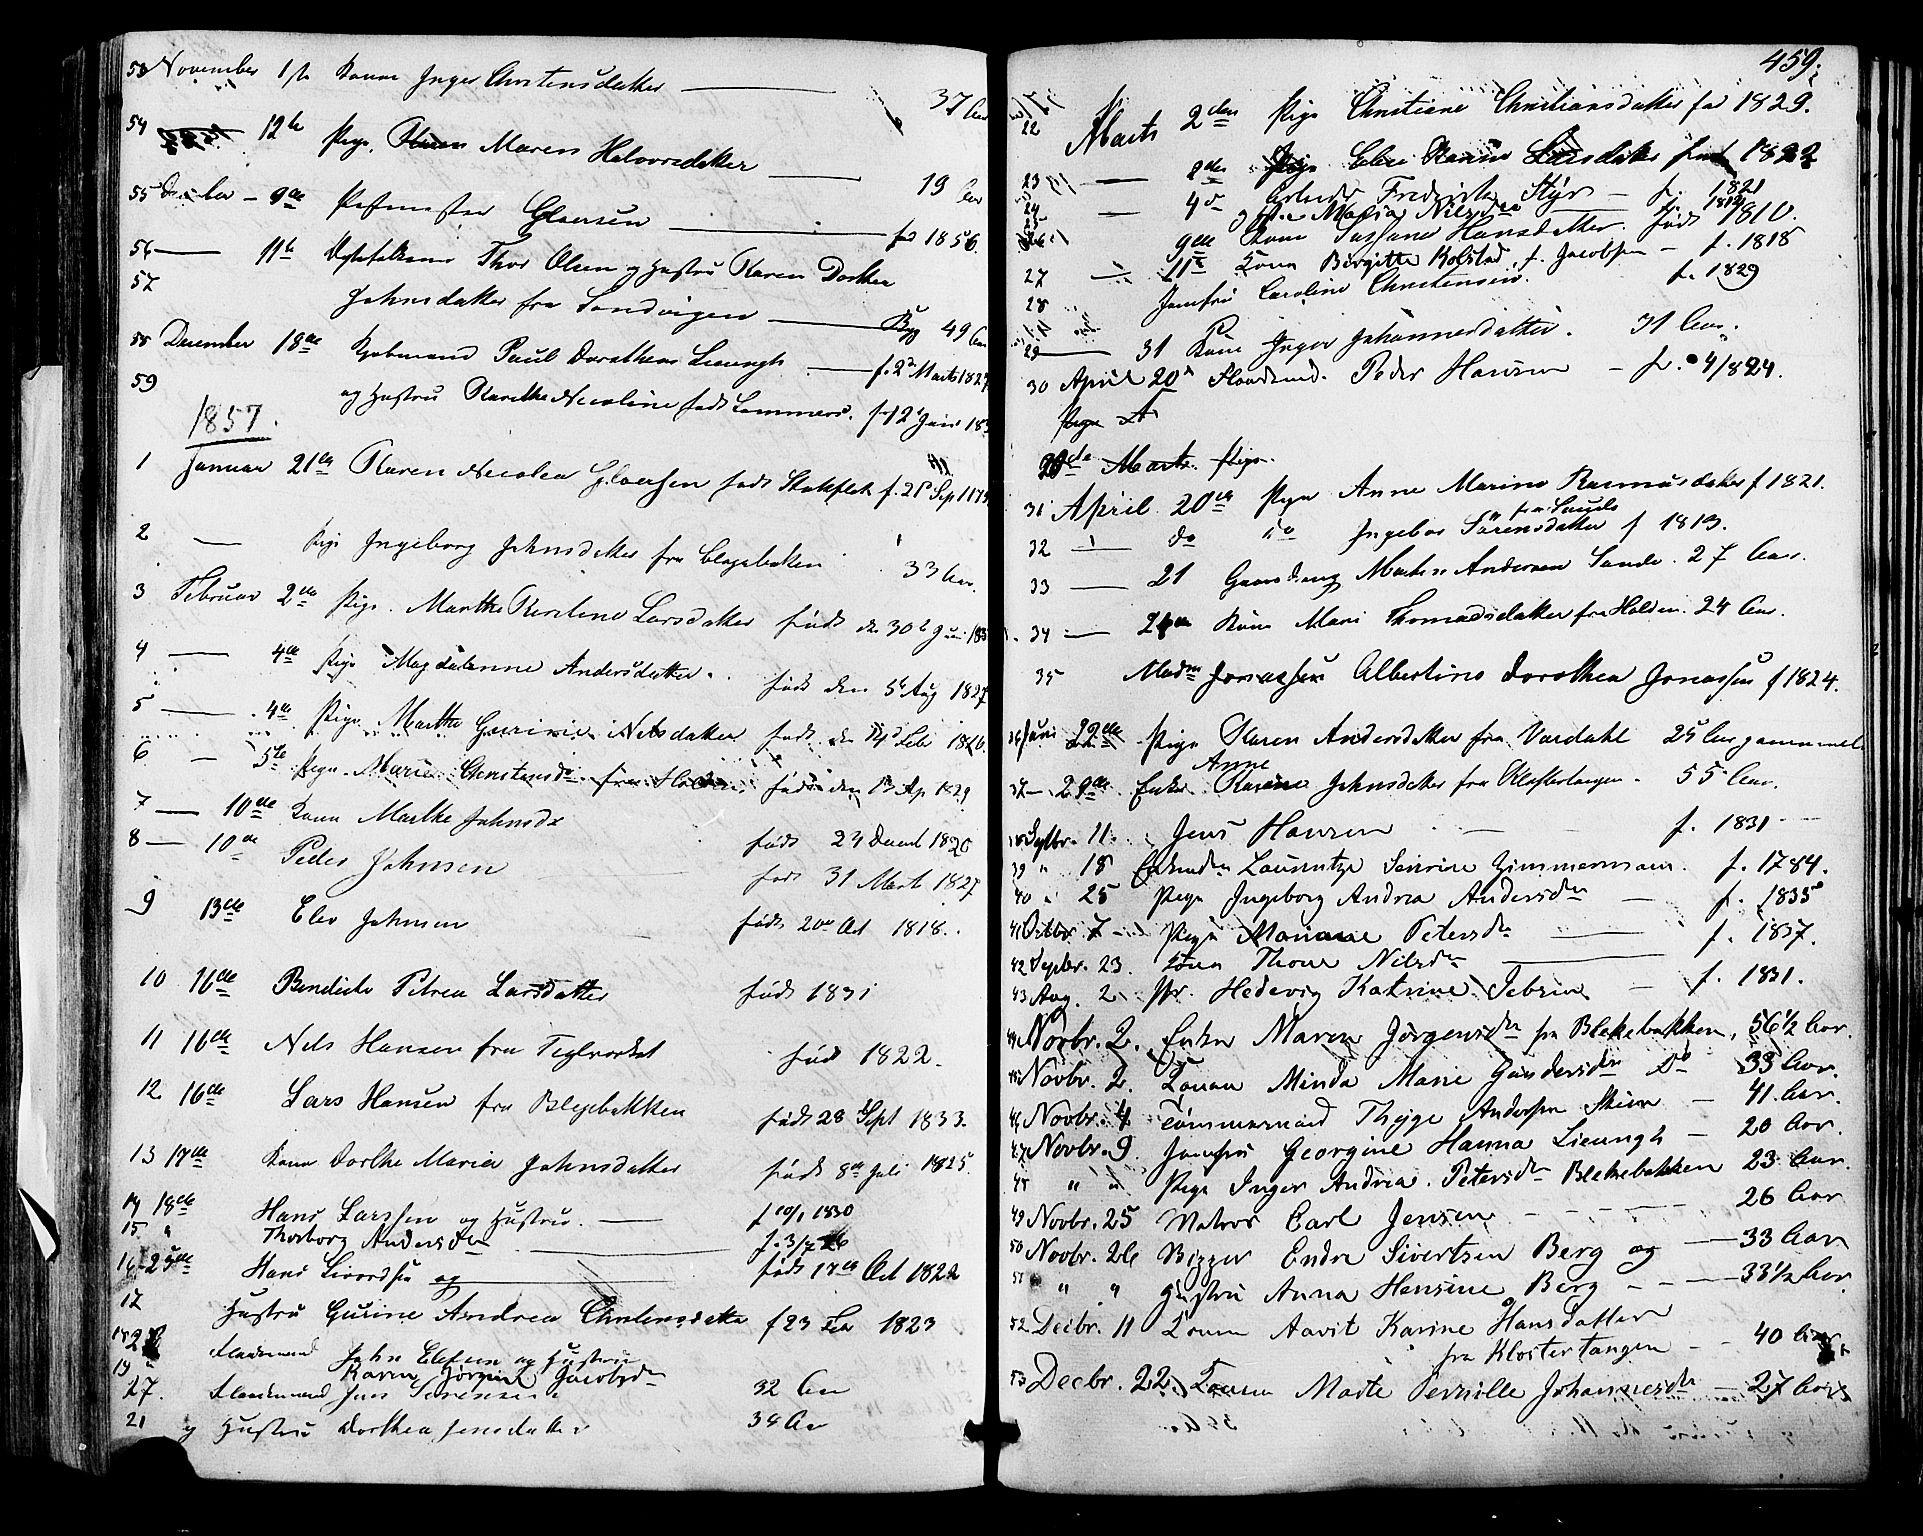 SAKO, Skien kirkebøker, F/Fa/L0007: Ministerialbok nr. 7, 1856-1865, s. 459